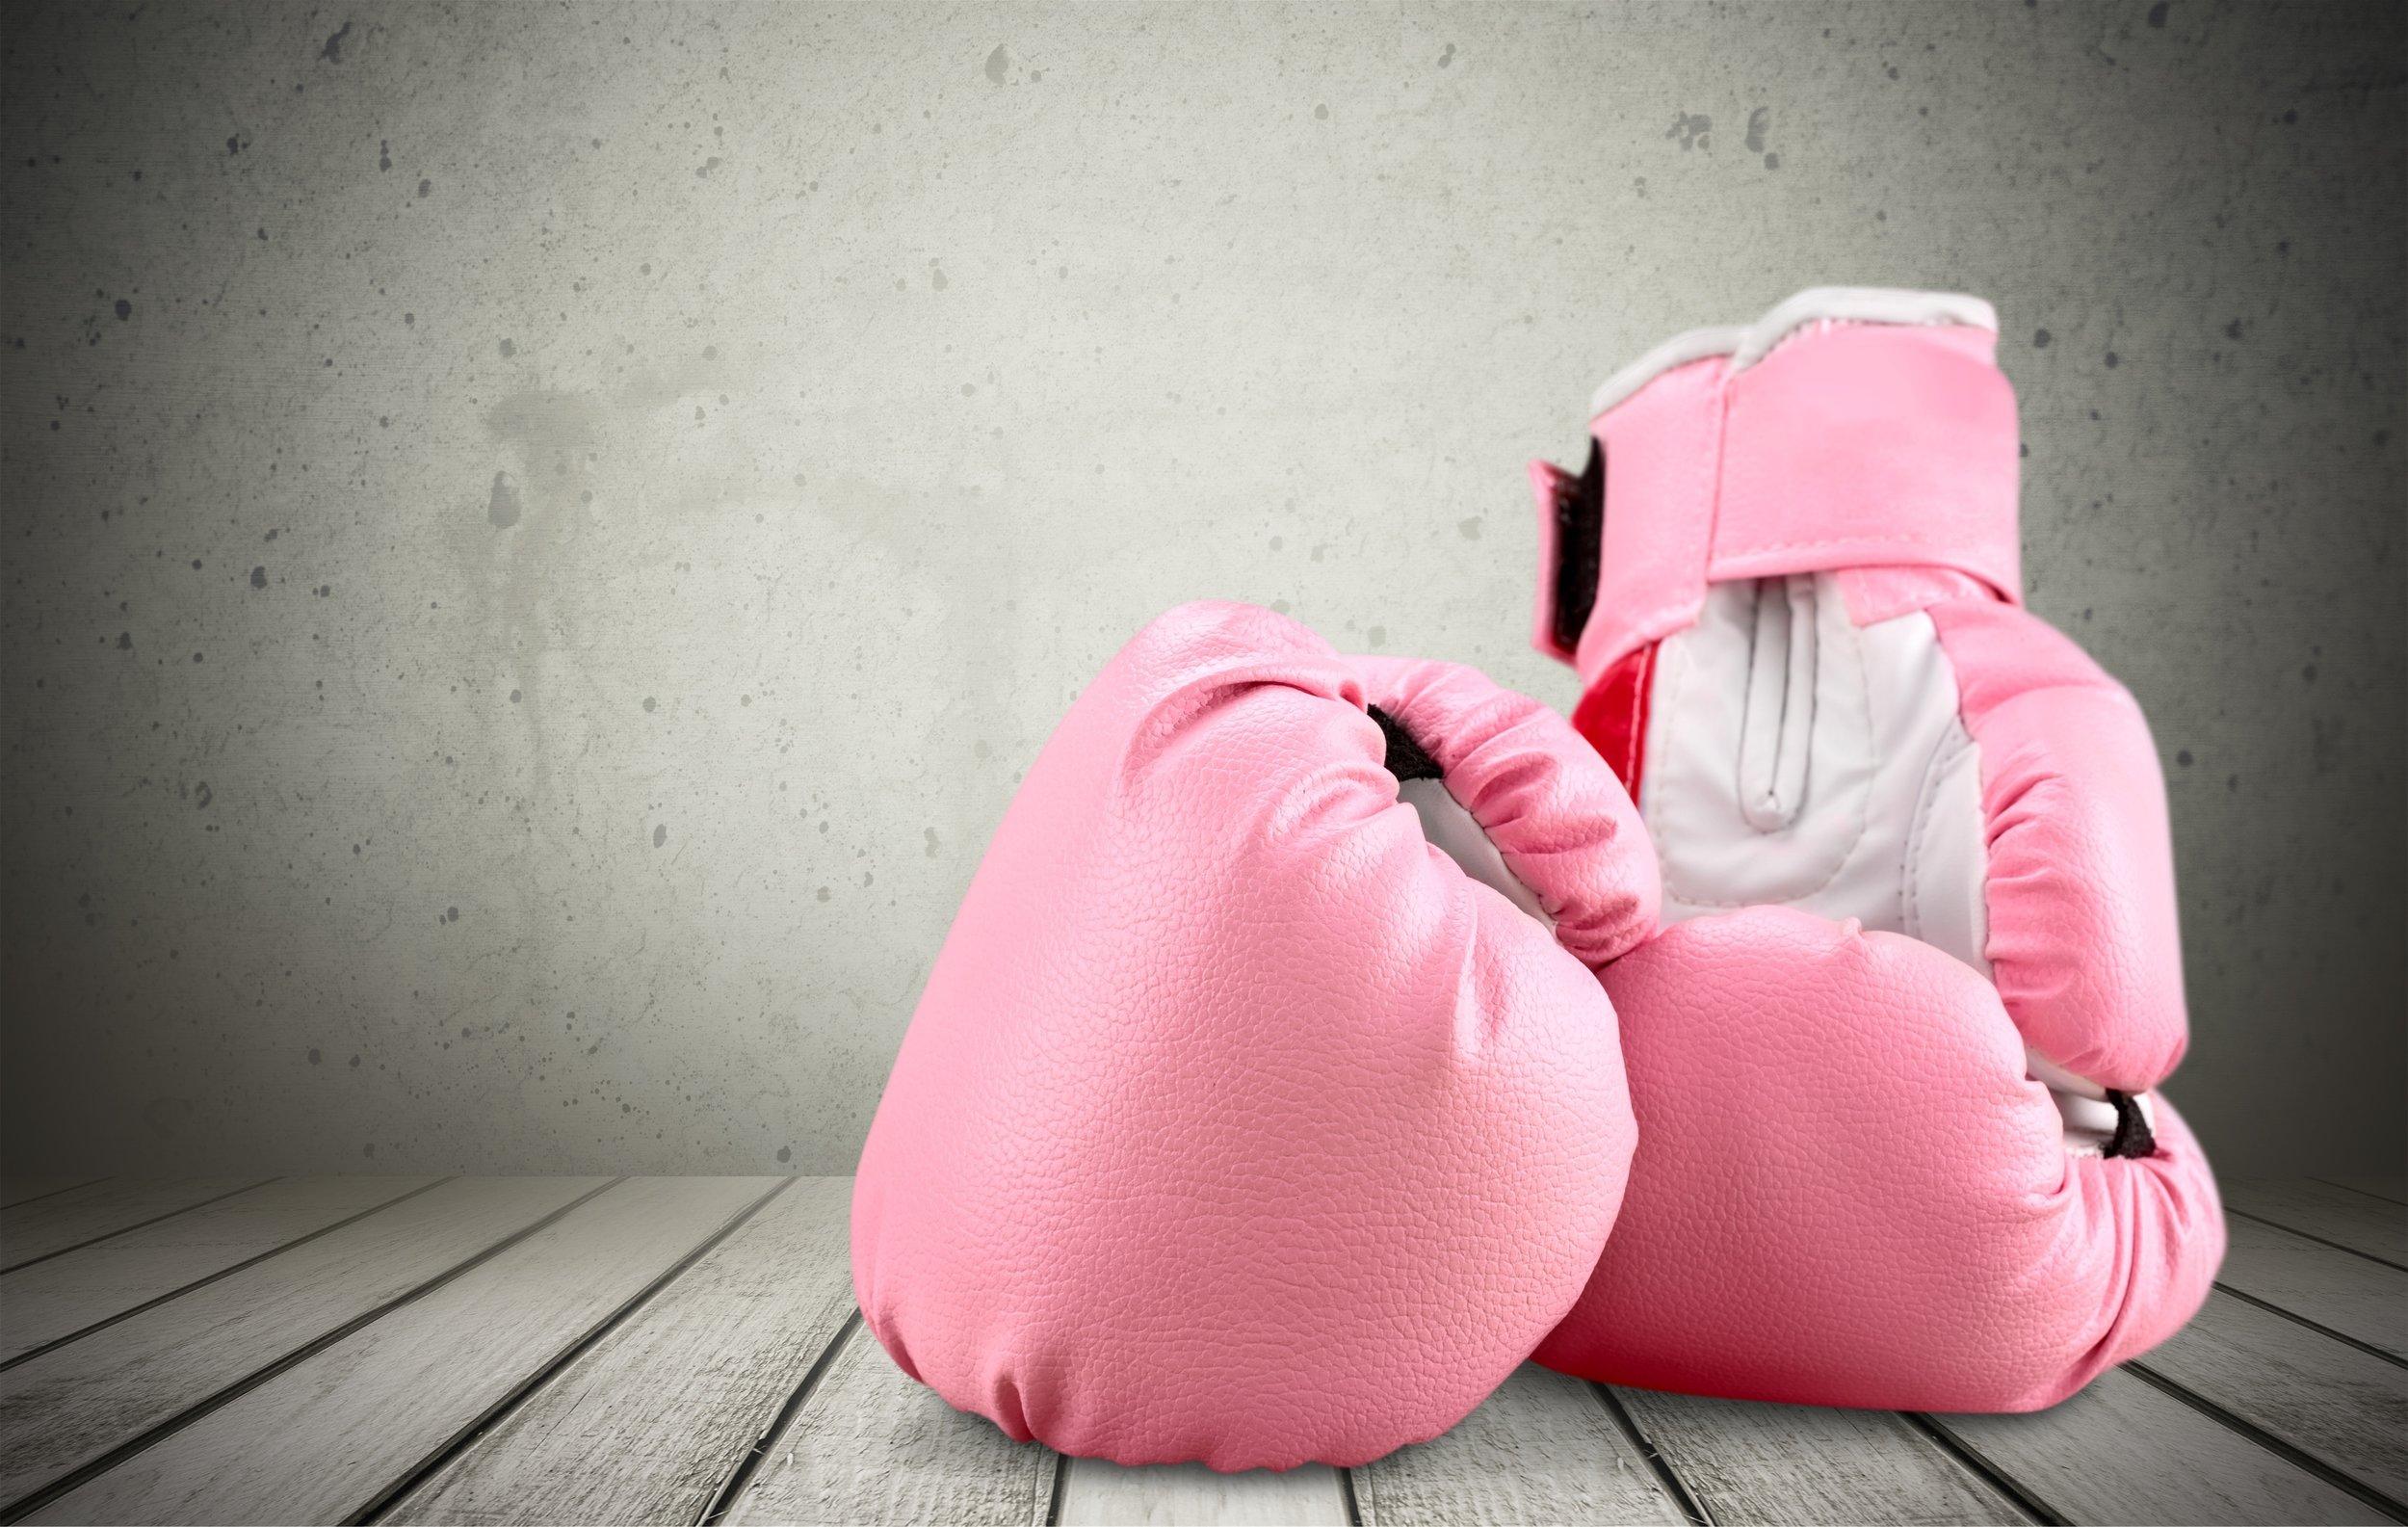 Pink Boxing Gloves shutterstock_320367446.jpg